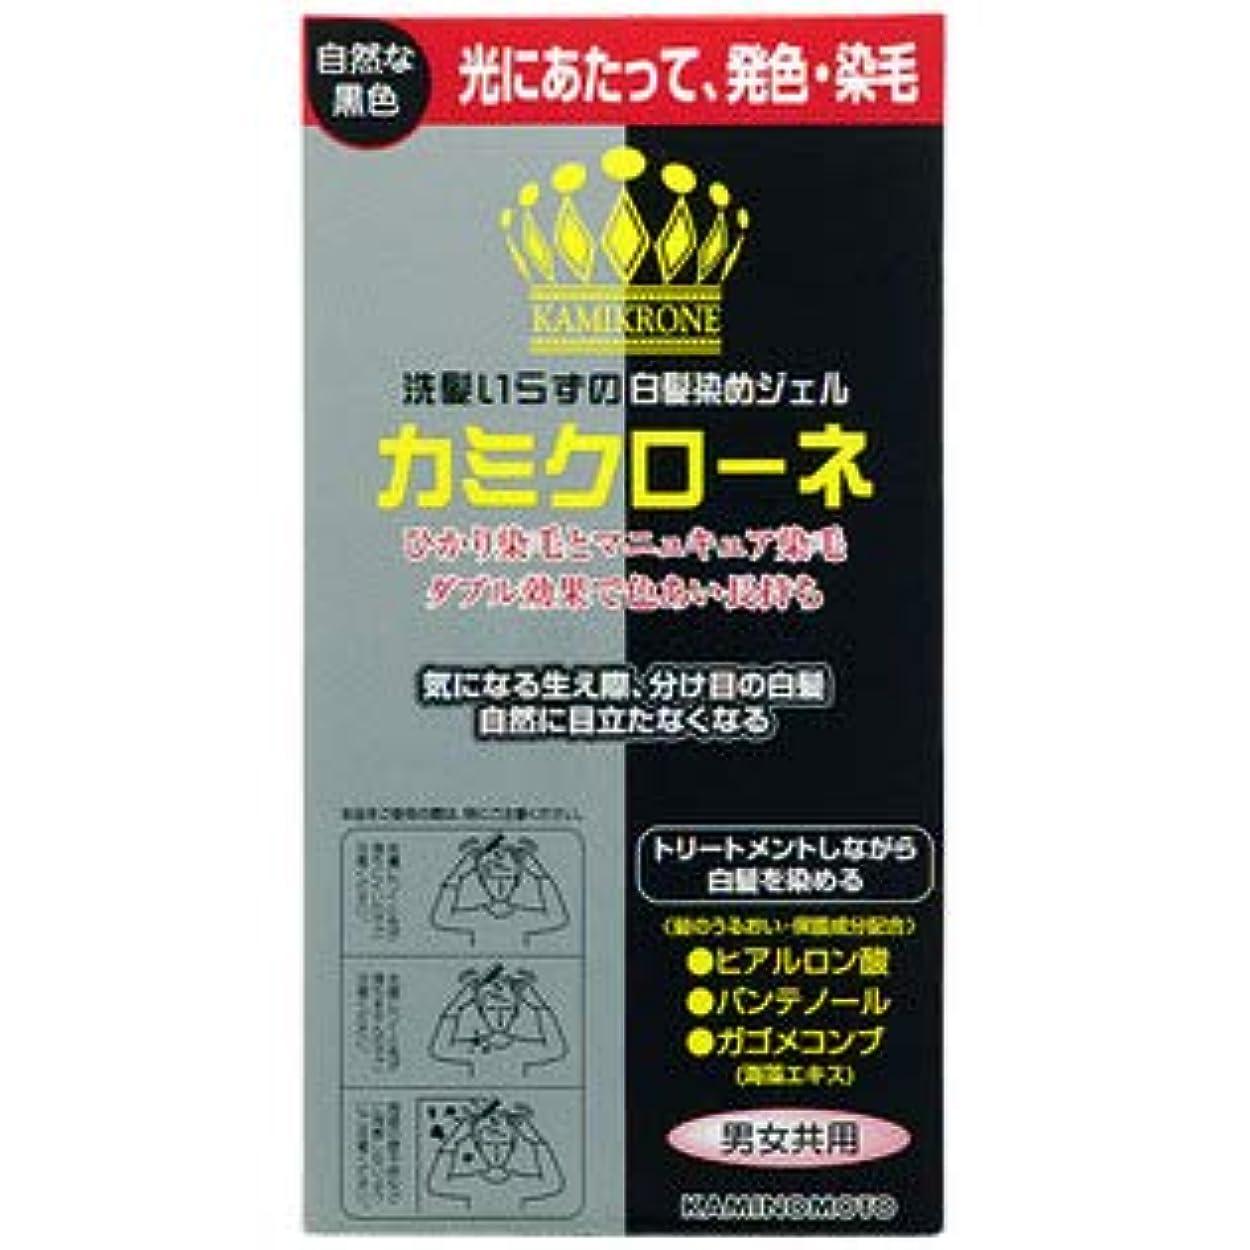 【3個】 加美乃素 カミクローネ 自然な黒色 80mlx3個 (4987046820013)